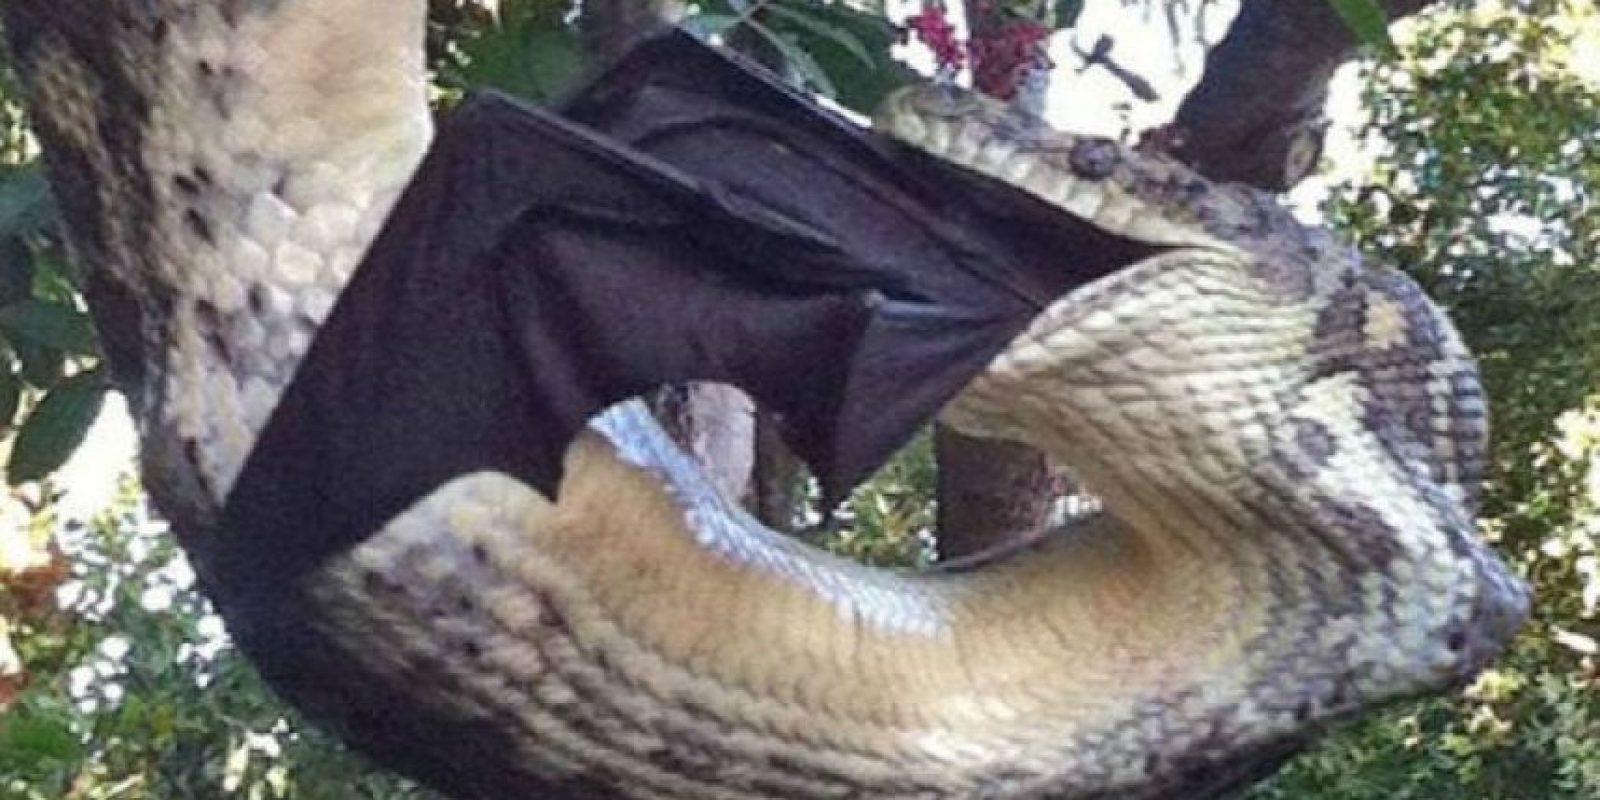 El pitón es una serpiente de gran tamaño que se alimenta de animales a los que mata por asfixia rodeándolos con su cuerpo. Foto:Vía Facebook Sunshine Coast Snak Catchers